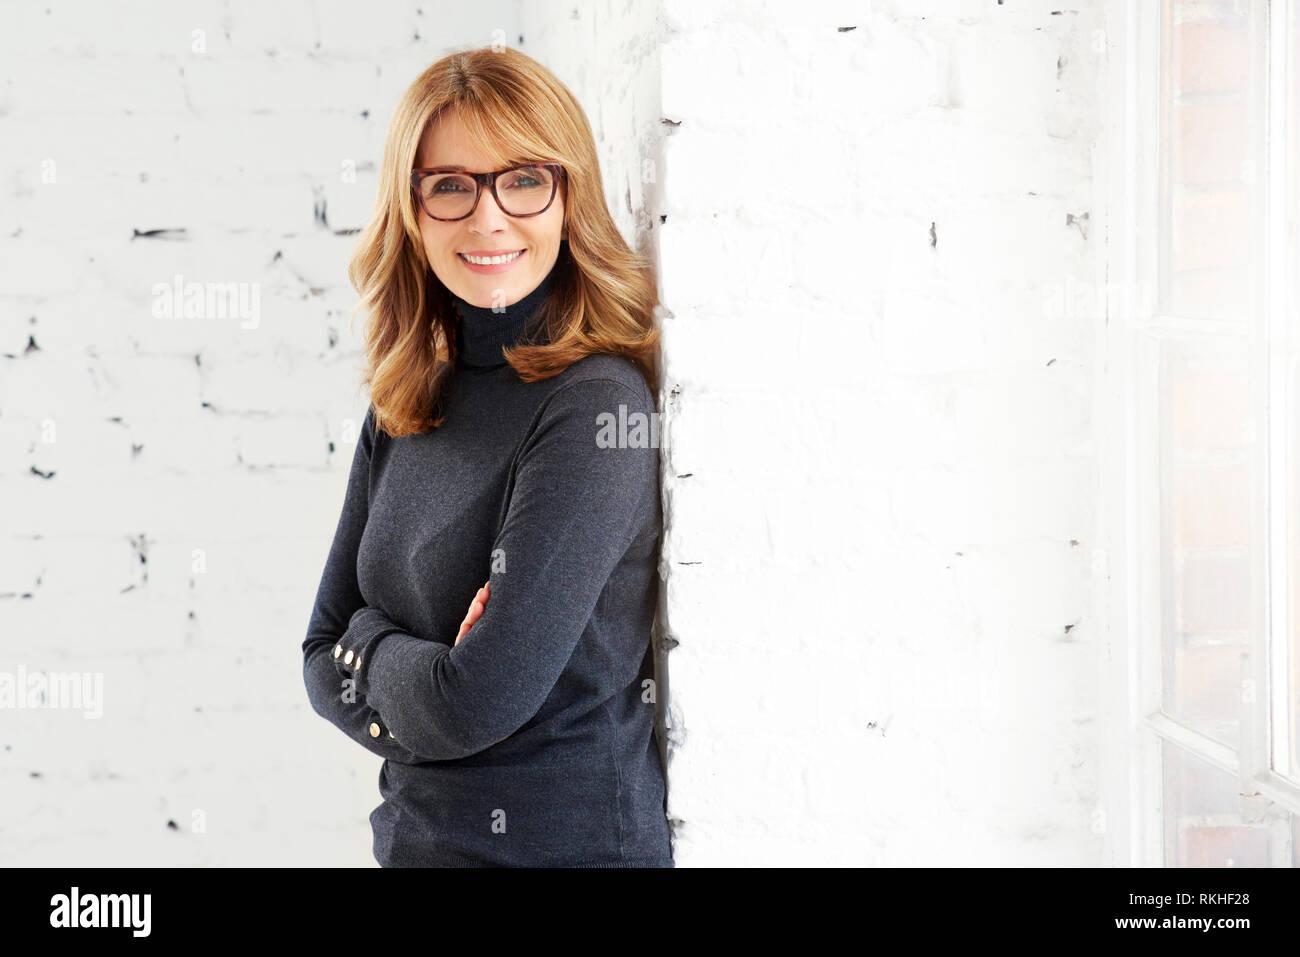 Portrait von attraktiven Frau mittleren Alters tragen Rollkragen Pullover und Jeans beim Entspannen am Fenster und Blick auf Kamera. Stockfoto